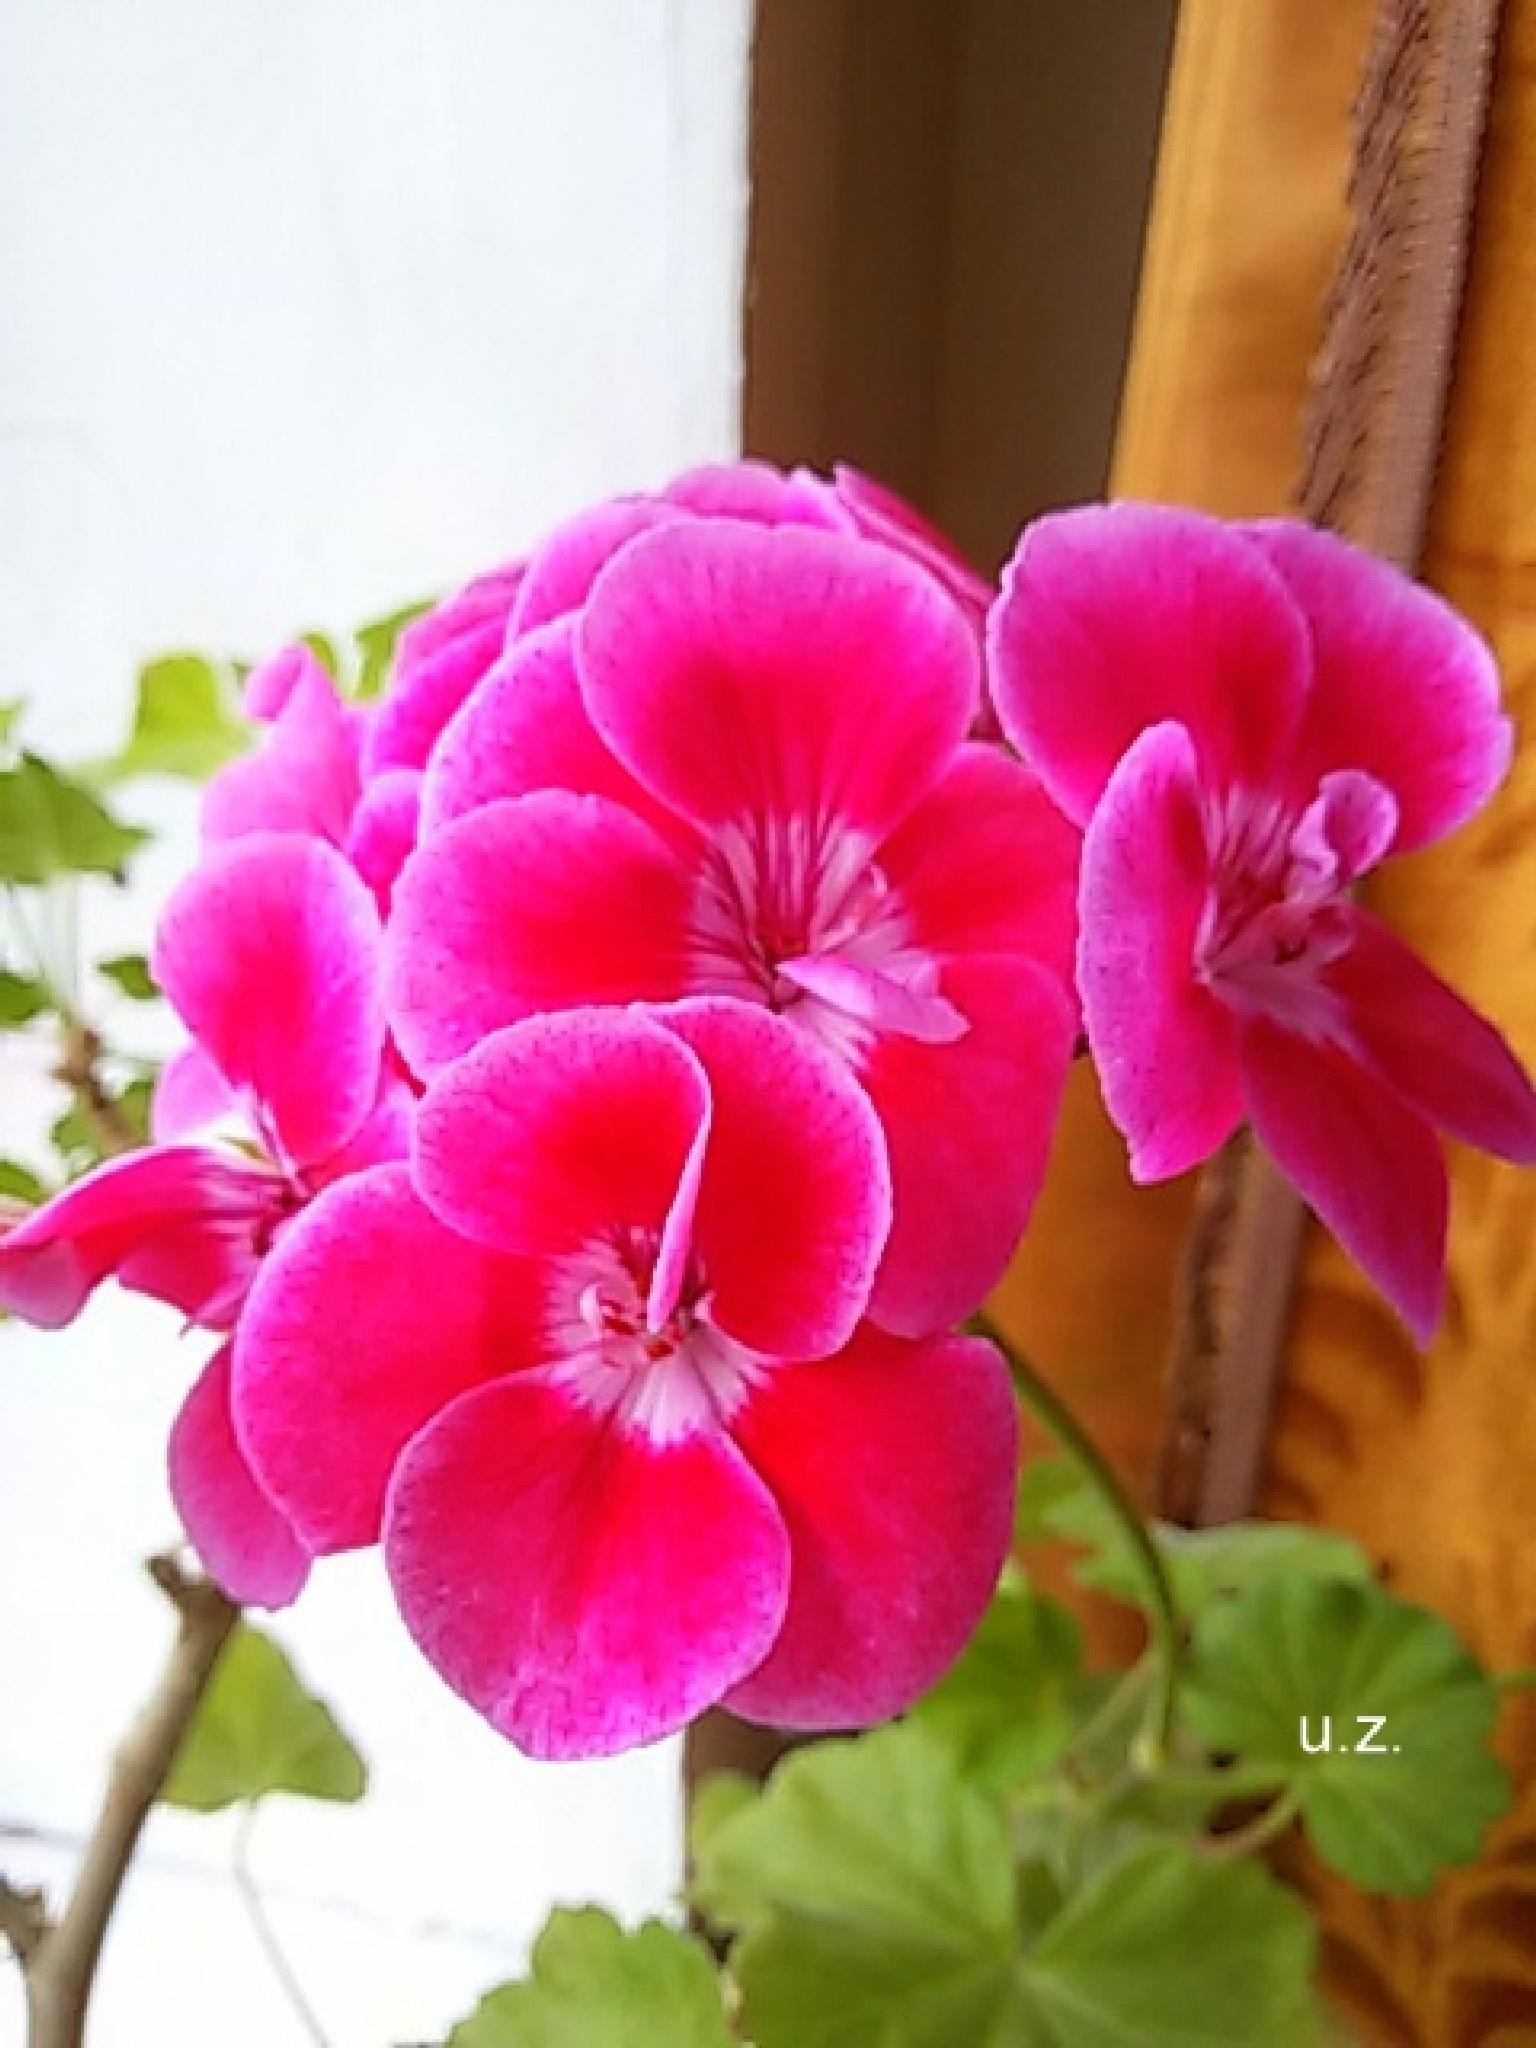 Pink  flower by uzkuraitiene62